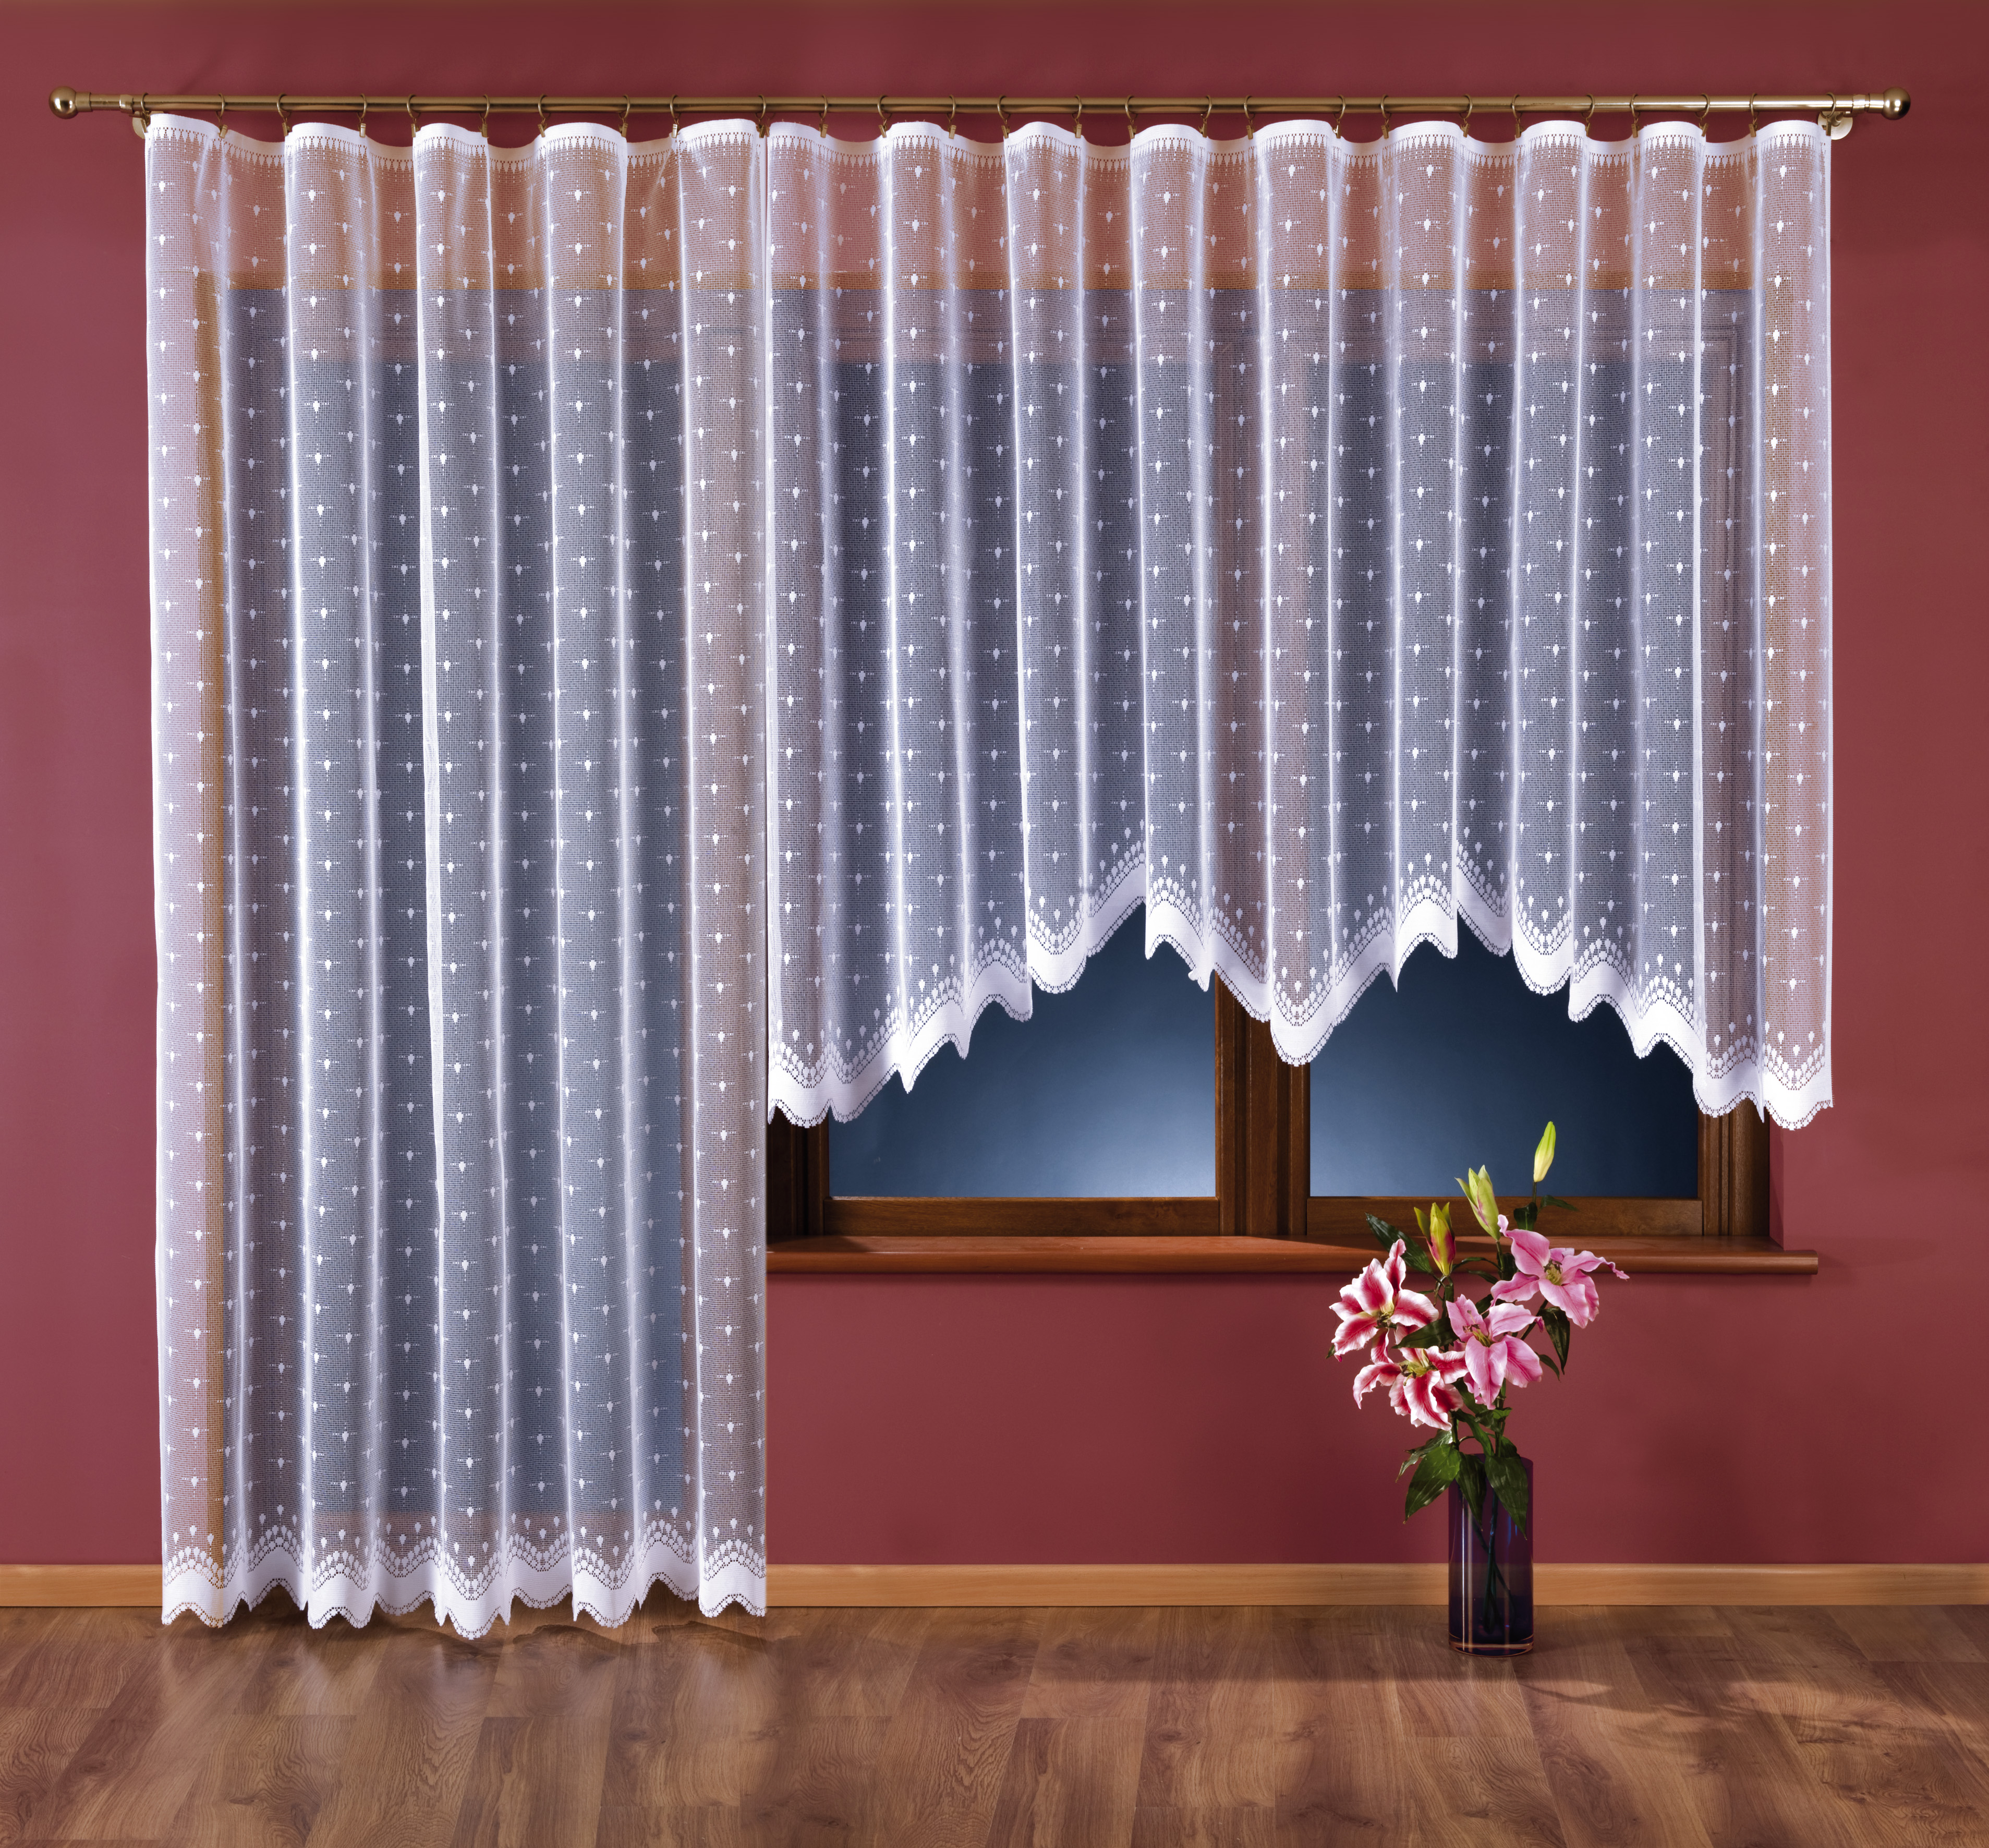 LENKA kusová záclona 250x120 cm